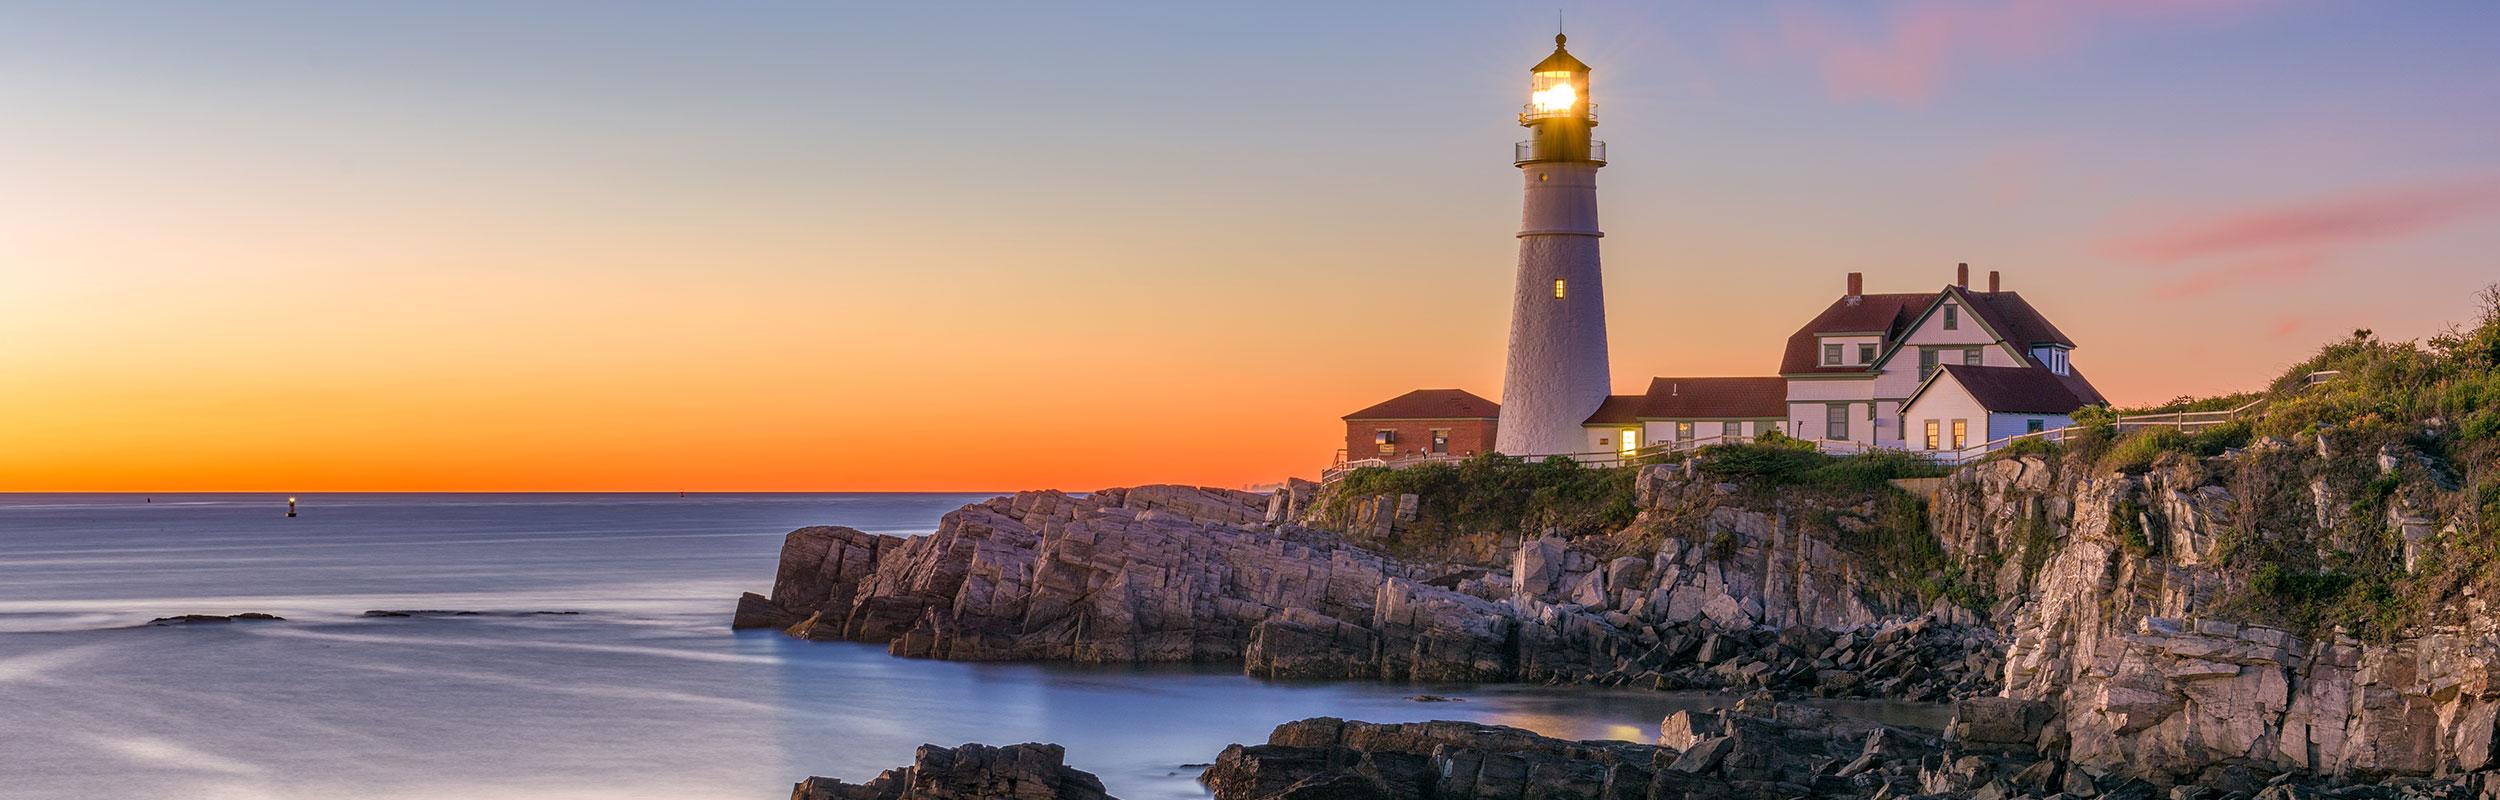 Lighthouse and rocky beach near Yarmouth, Maine